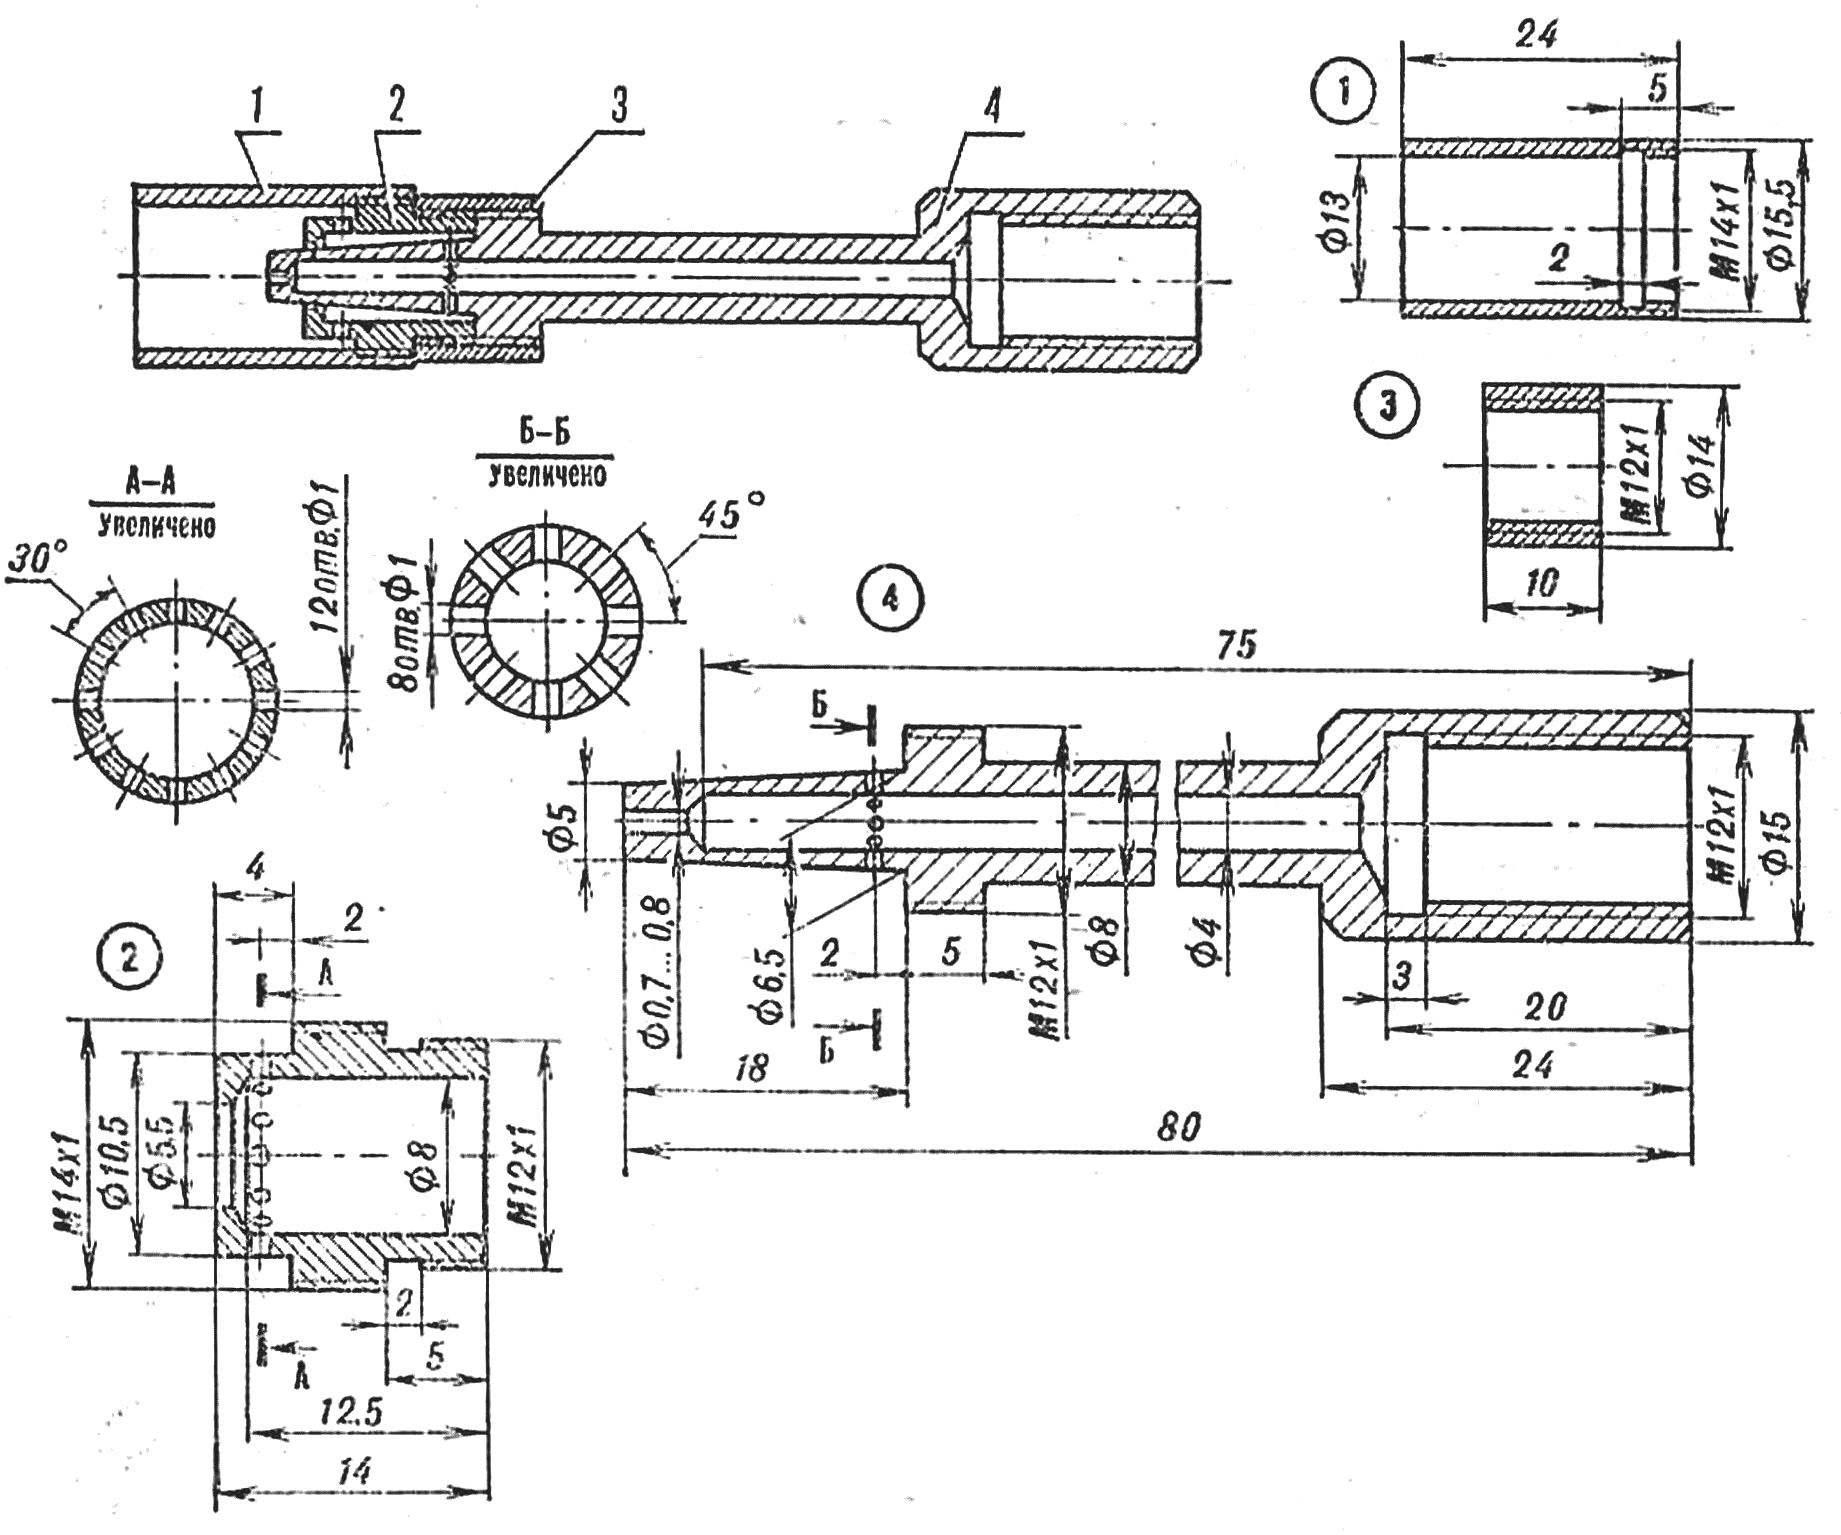 Самодельная газовая горелка своими руками: обзор, особенности и как сделать